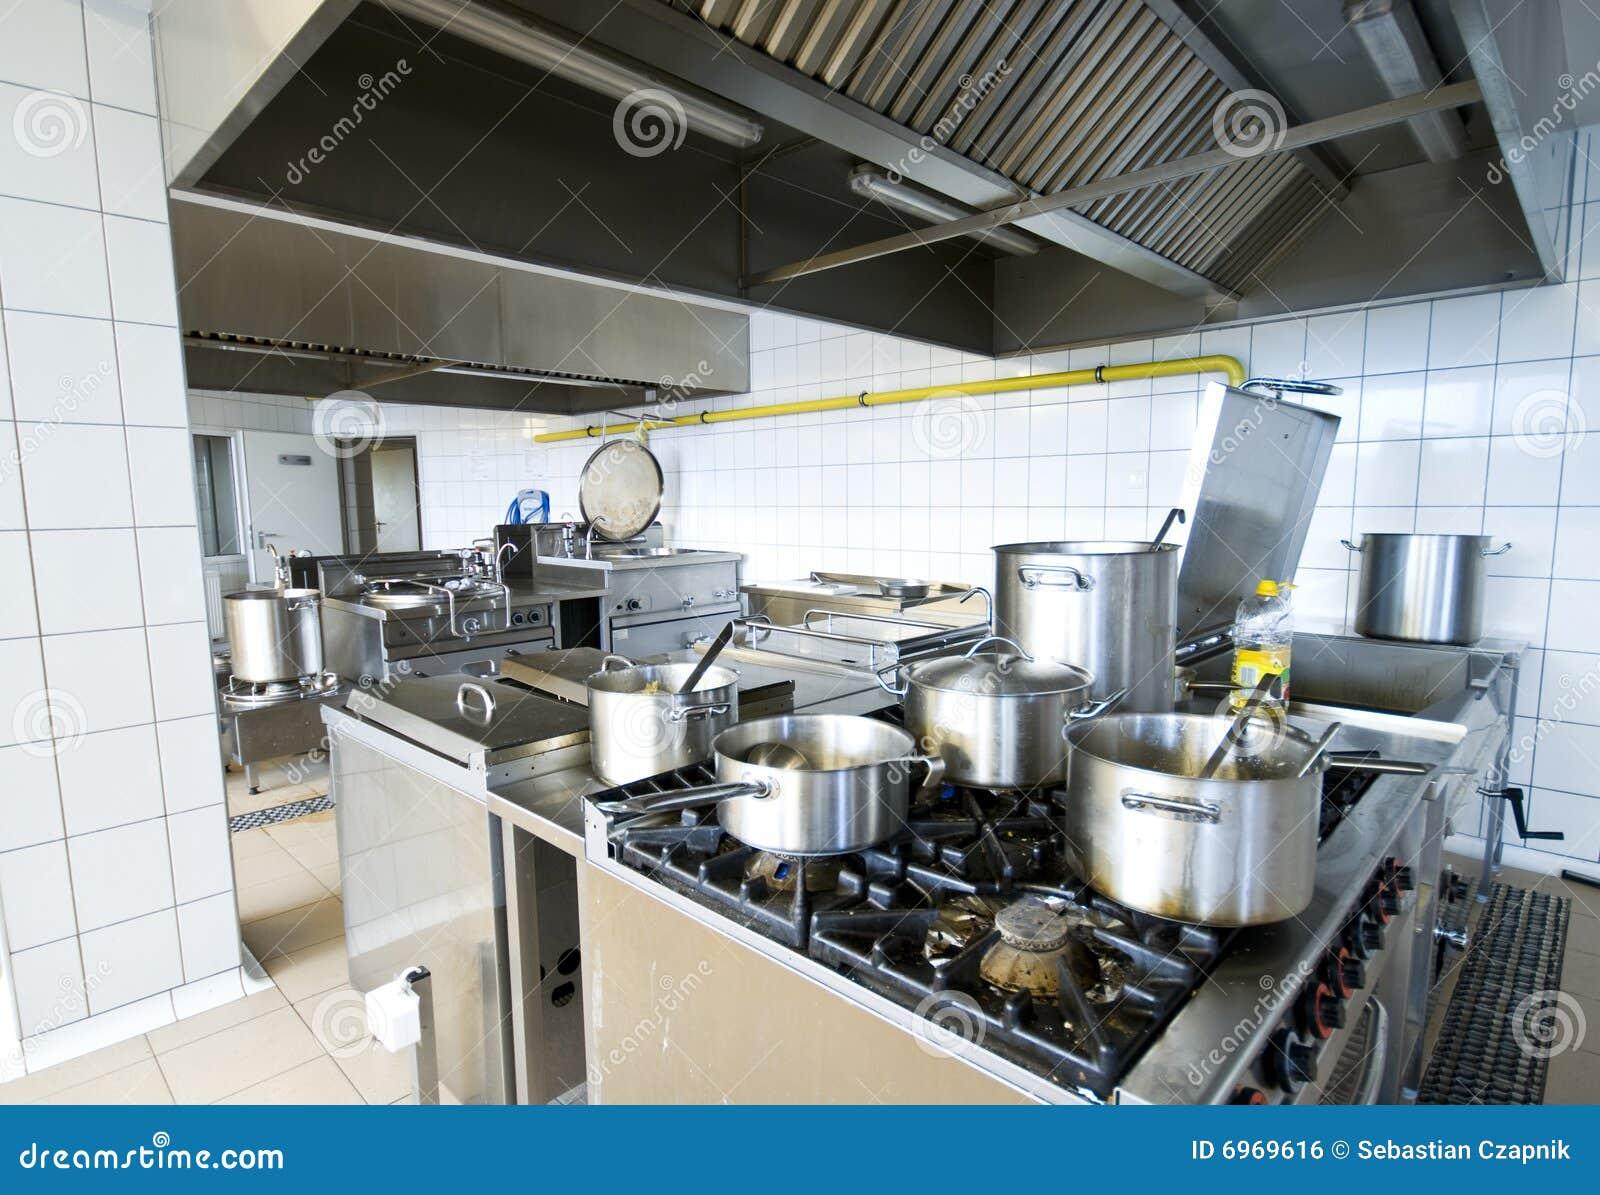 Cozinha industrial #827349 1300 988